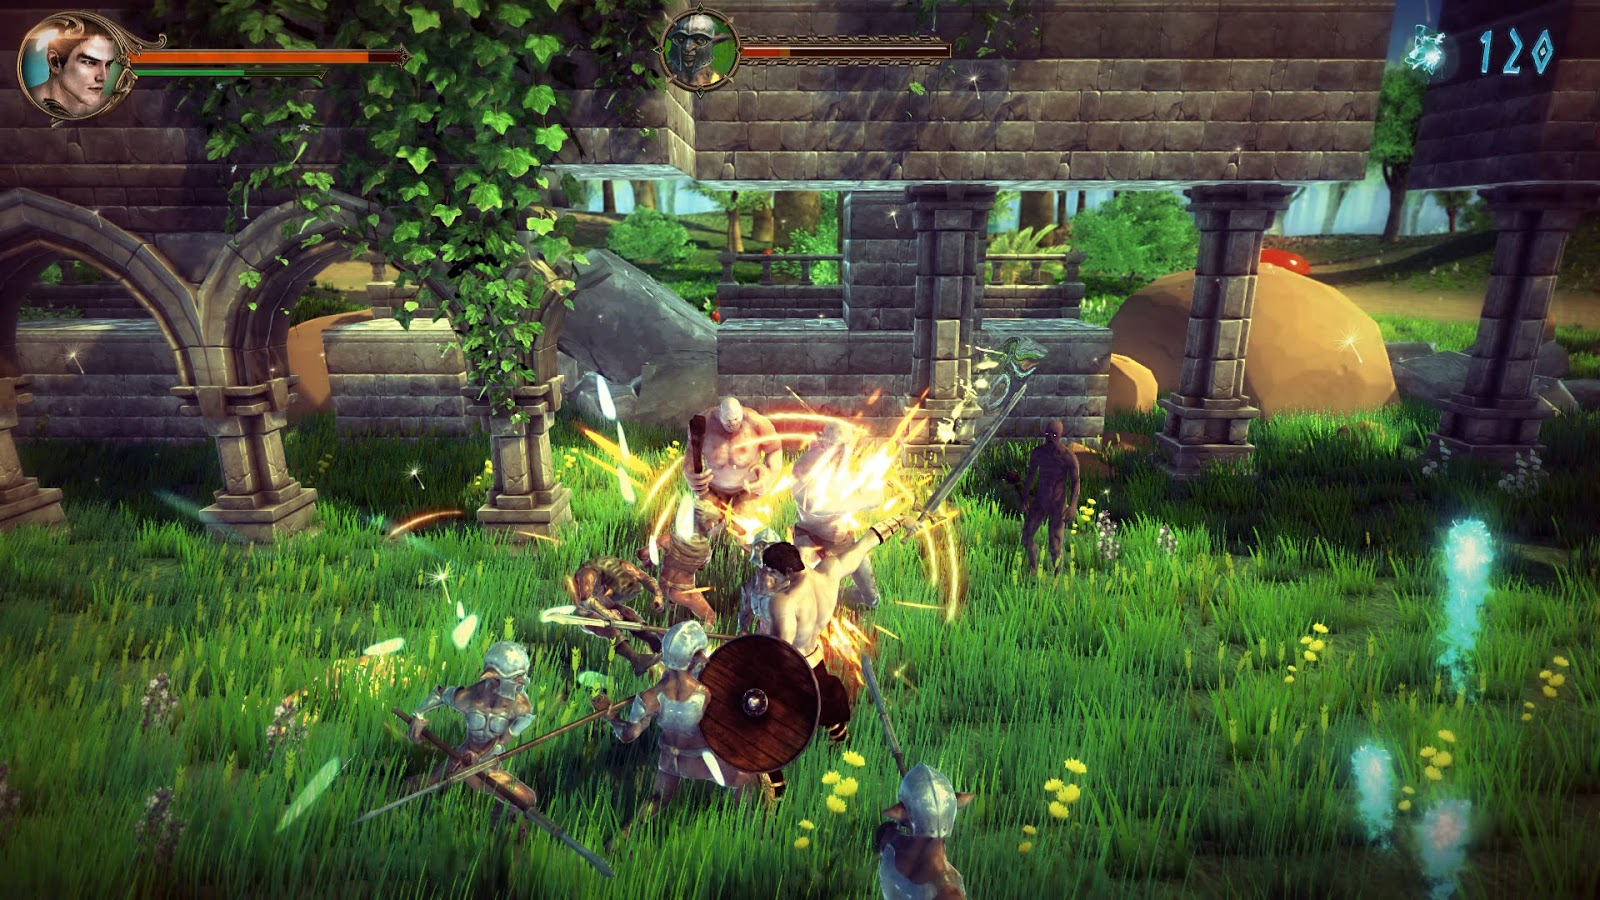 تحميل لعبة هركليز القديمة Hercules الاصلية برابط مباشر ميديا